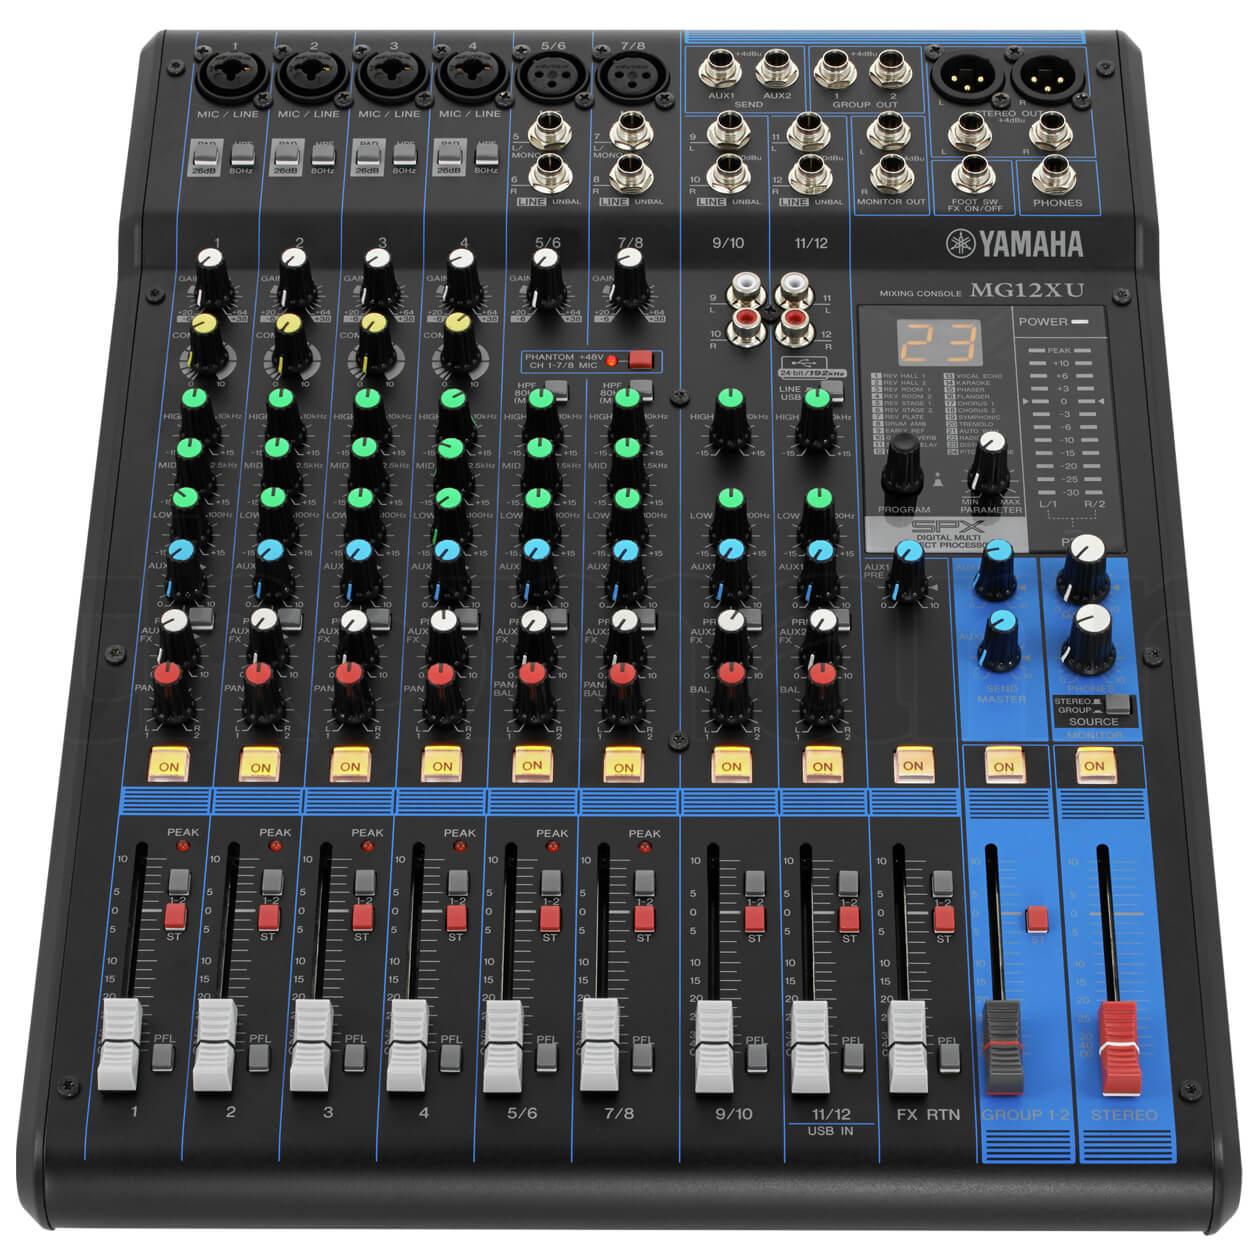 Mixer MG12XU